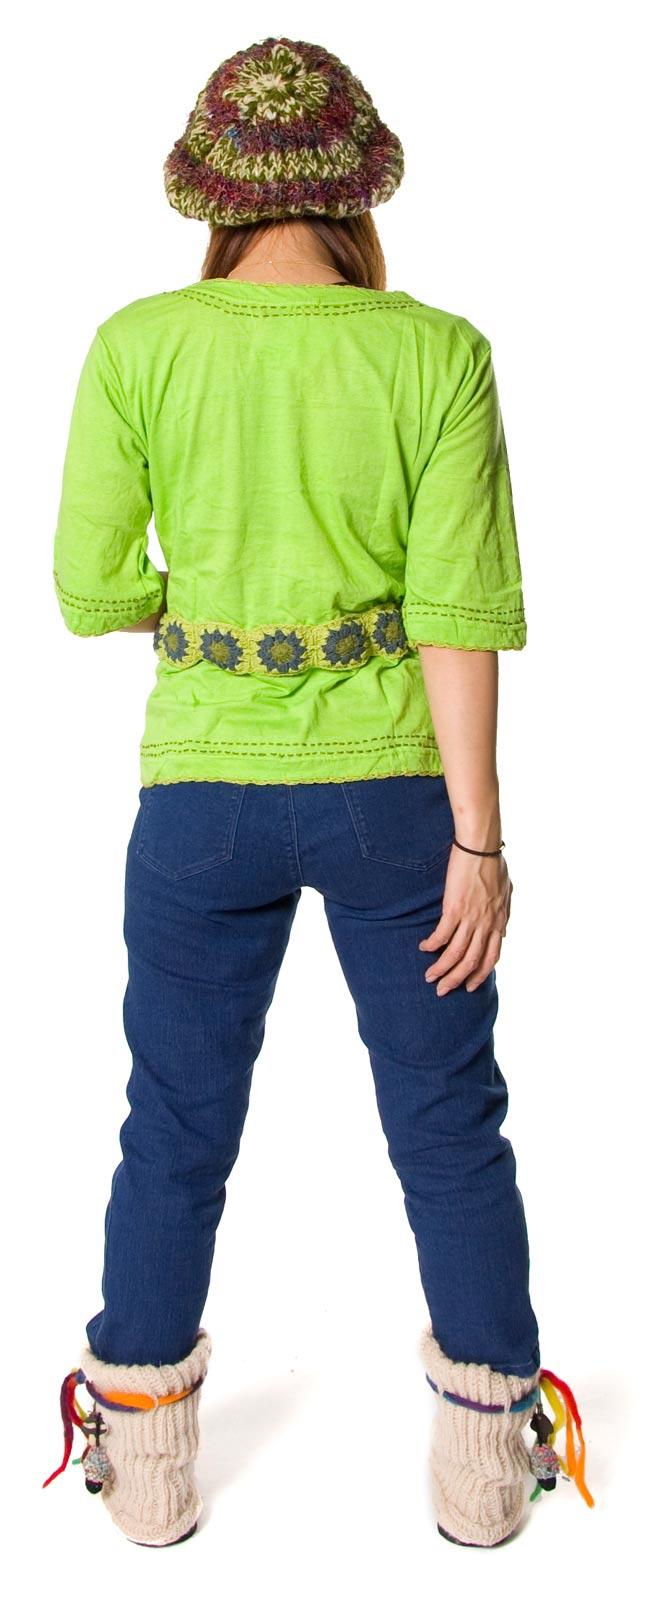 ベルト風刺繍ハーフスリーブTシャツ - 黄緑 2 - 後ろはこんな感じです。